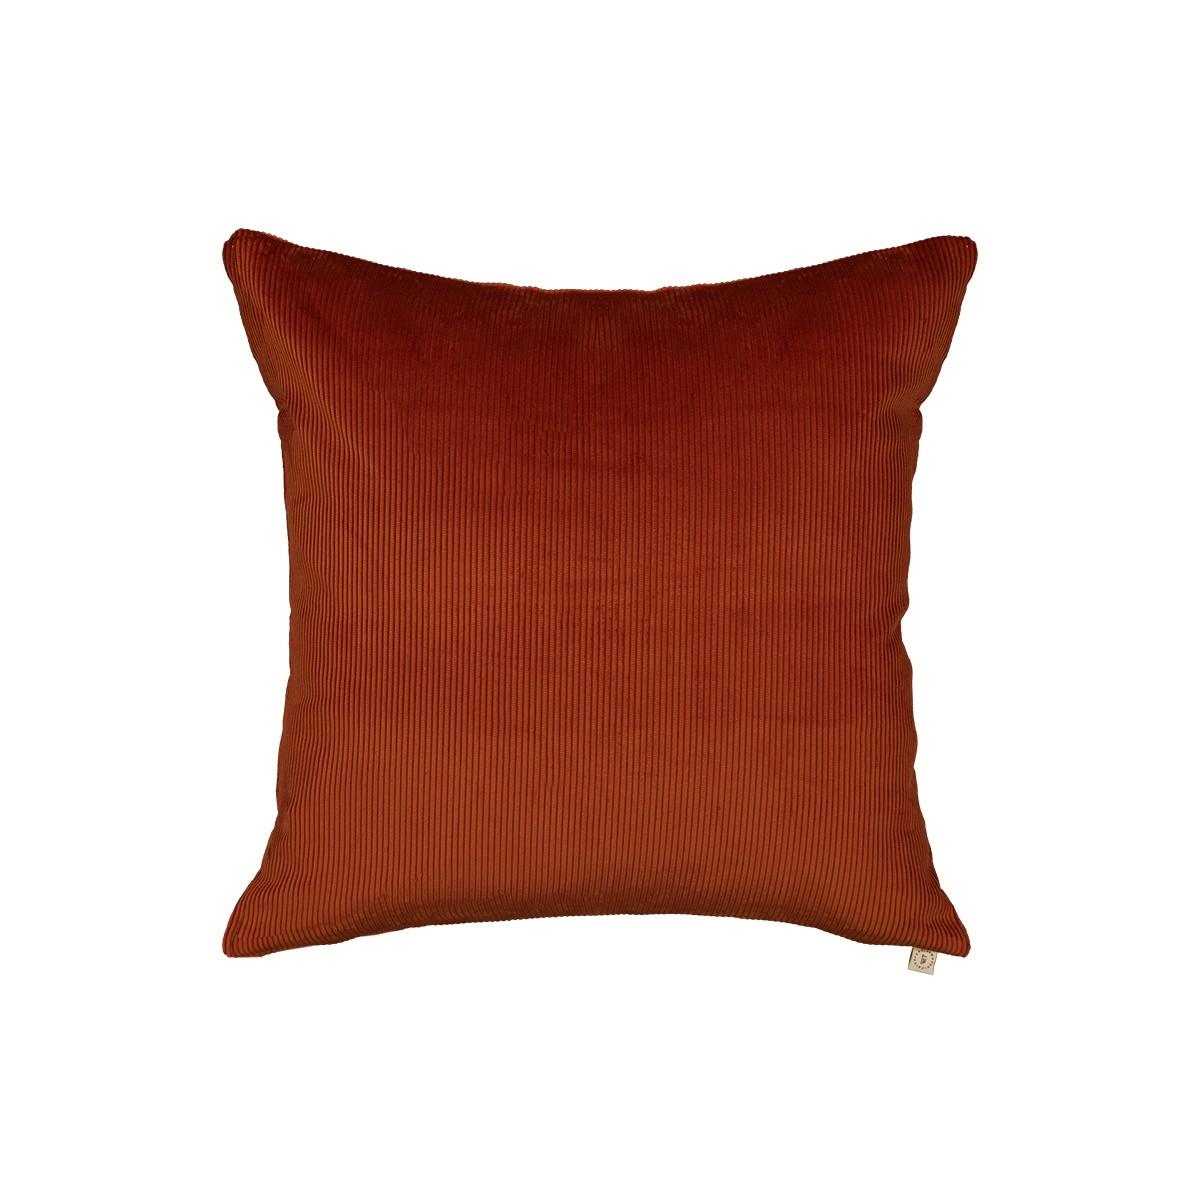 Carino cognac corduroy cushion